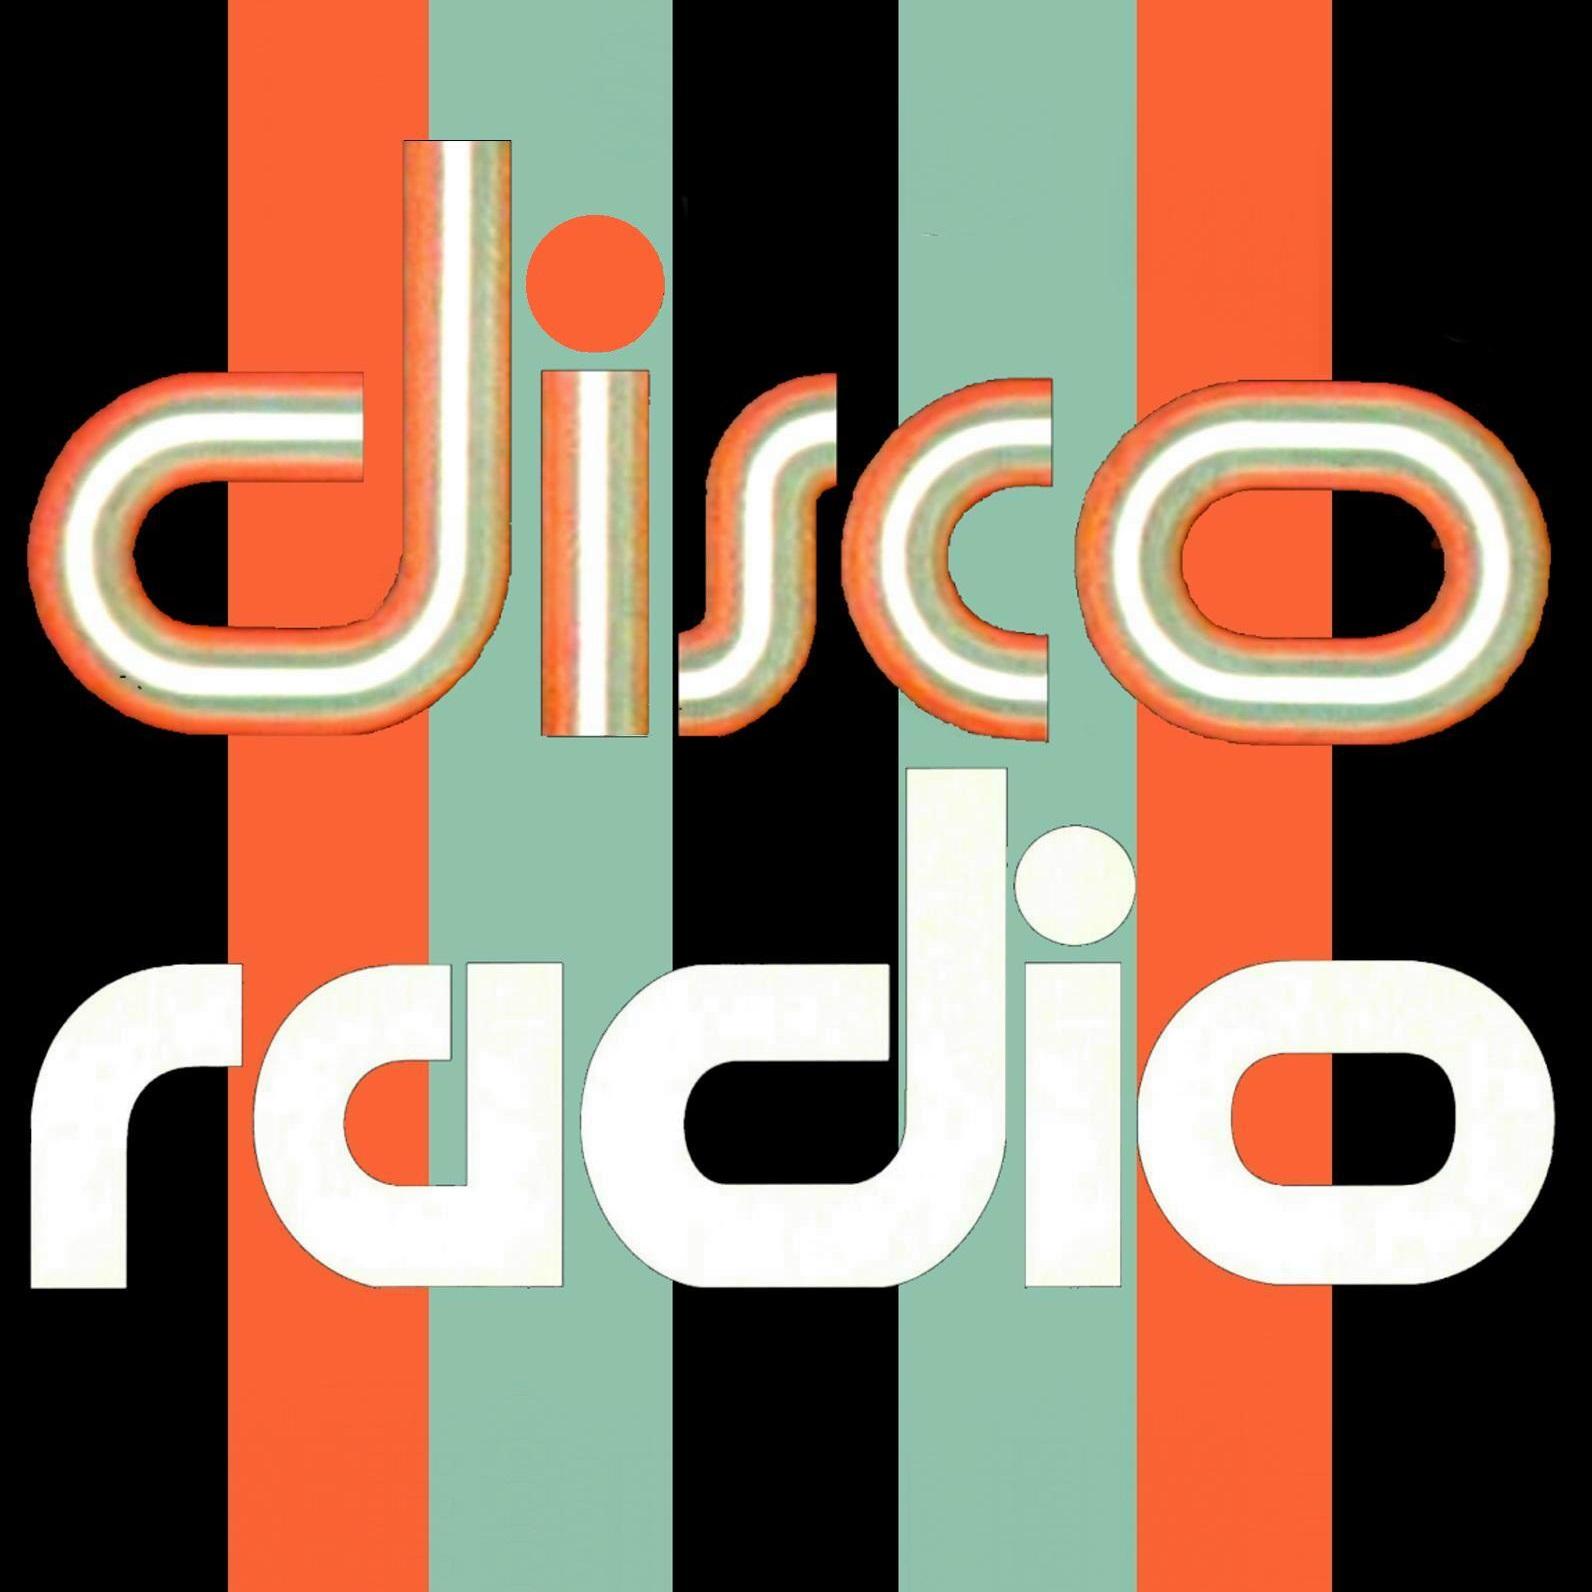 disco Radio - Das Original (Radiosender)